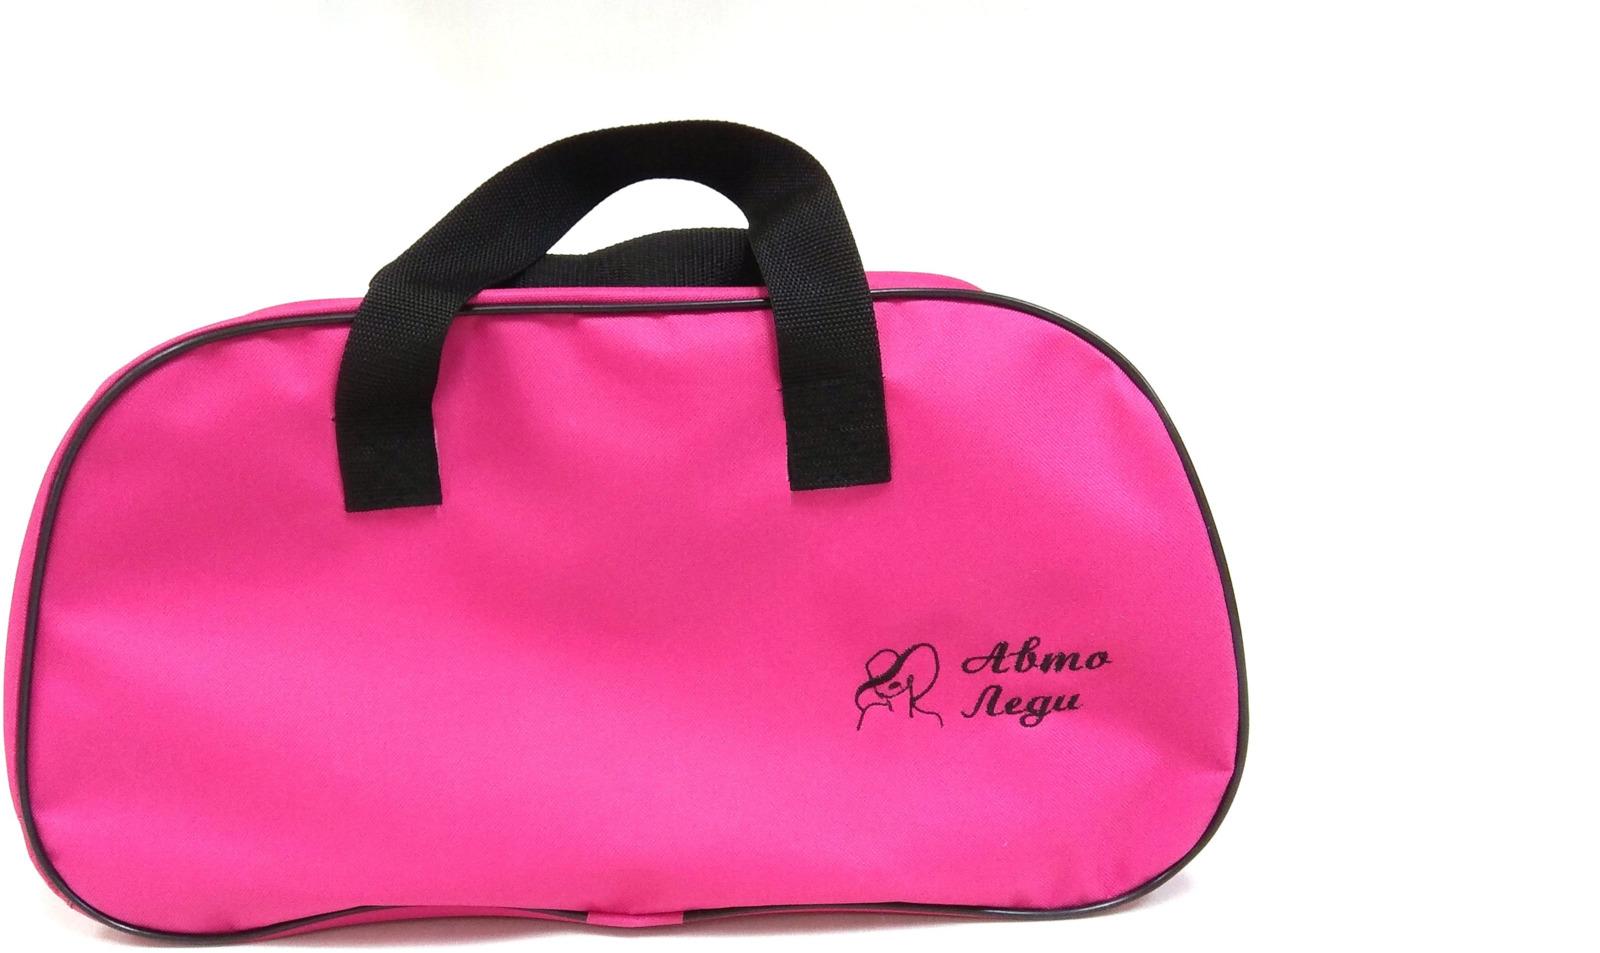 Сумка для аварийного набора Auto Premium Авто Леди, цвет: розовый. ФР-00003135 аксессуары для авто украина